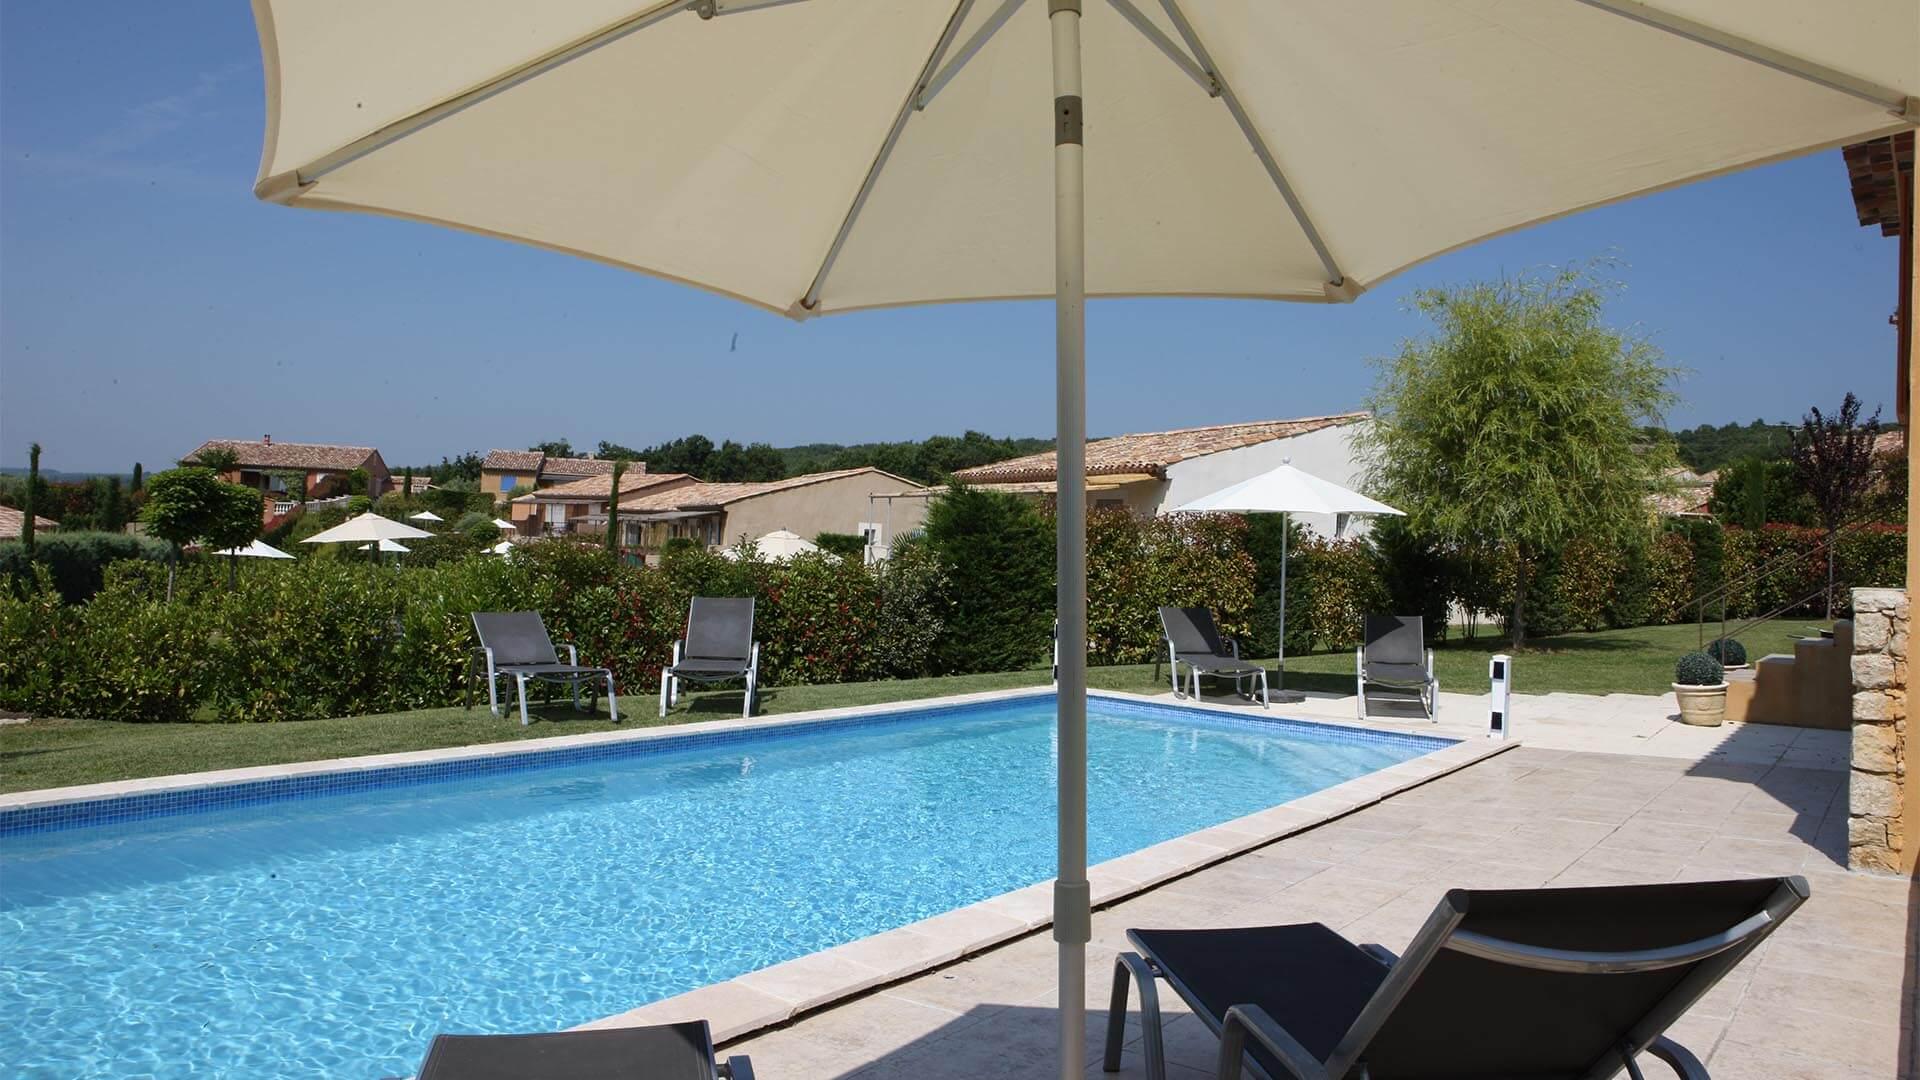 Maison de vacances à louer Alpes de Haute Provence | Villa les oliviers | Terrasse et piscine